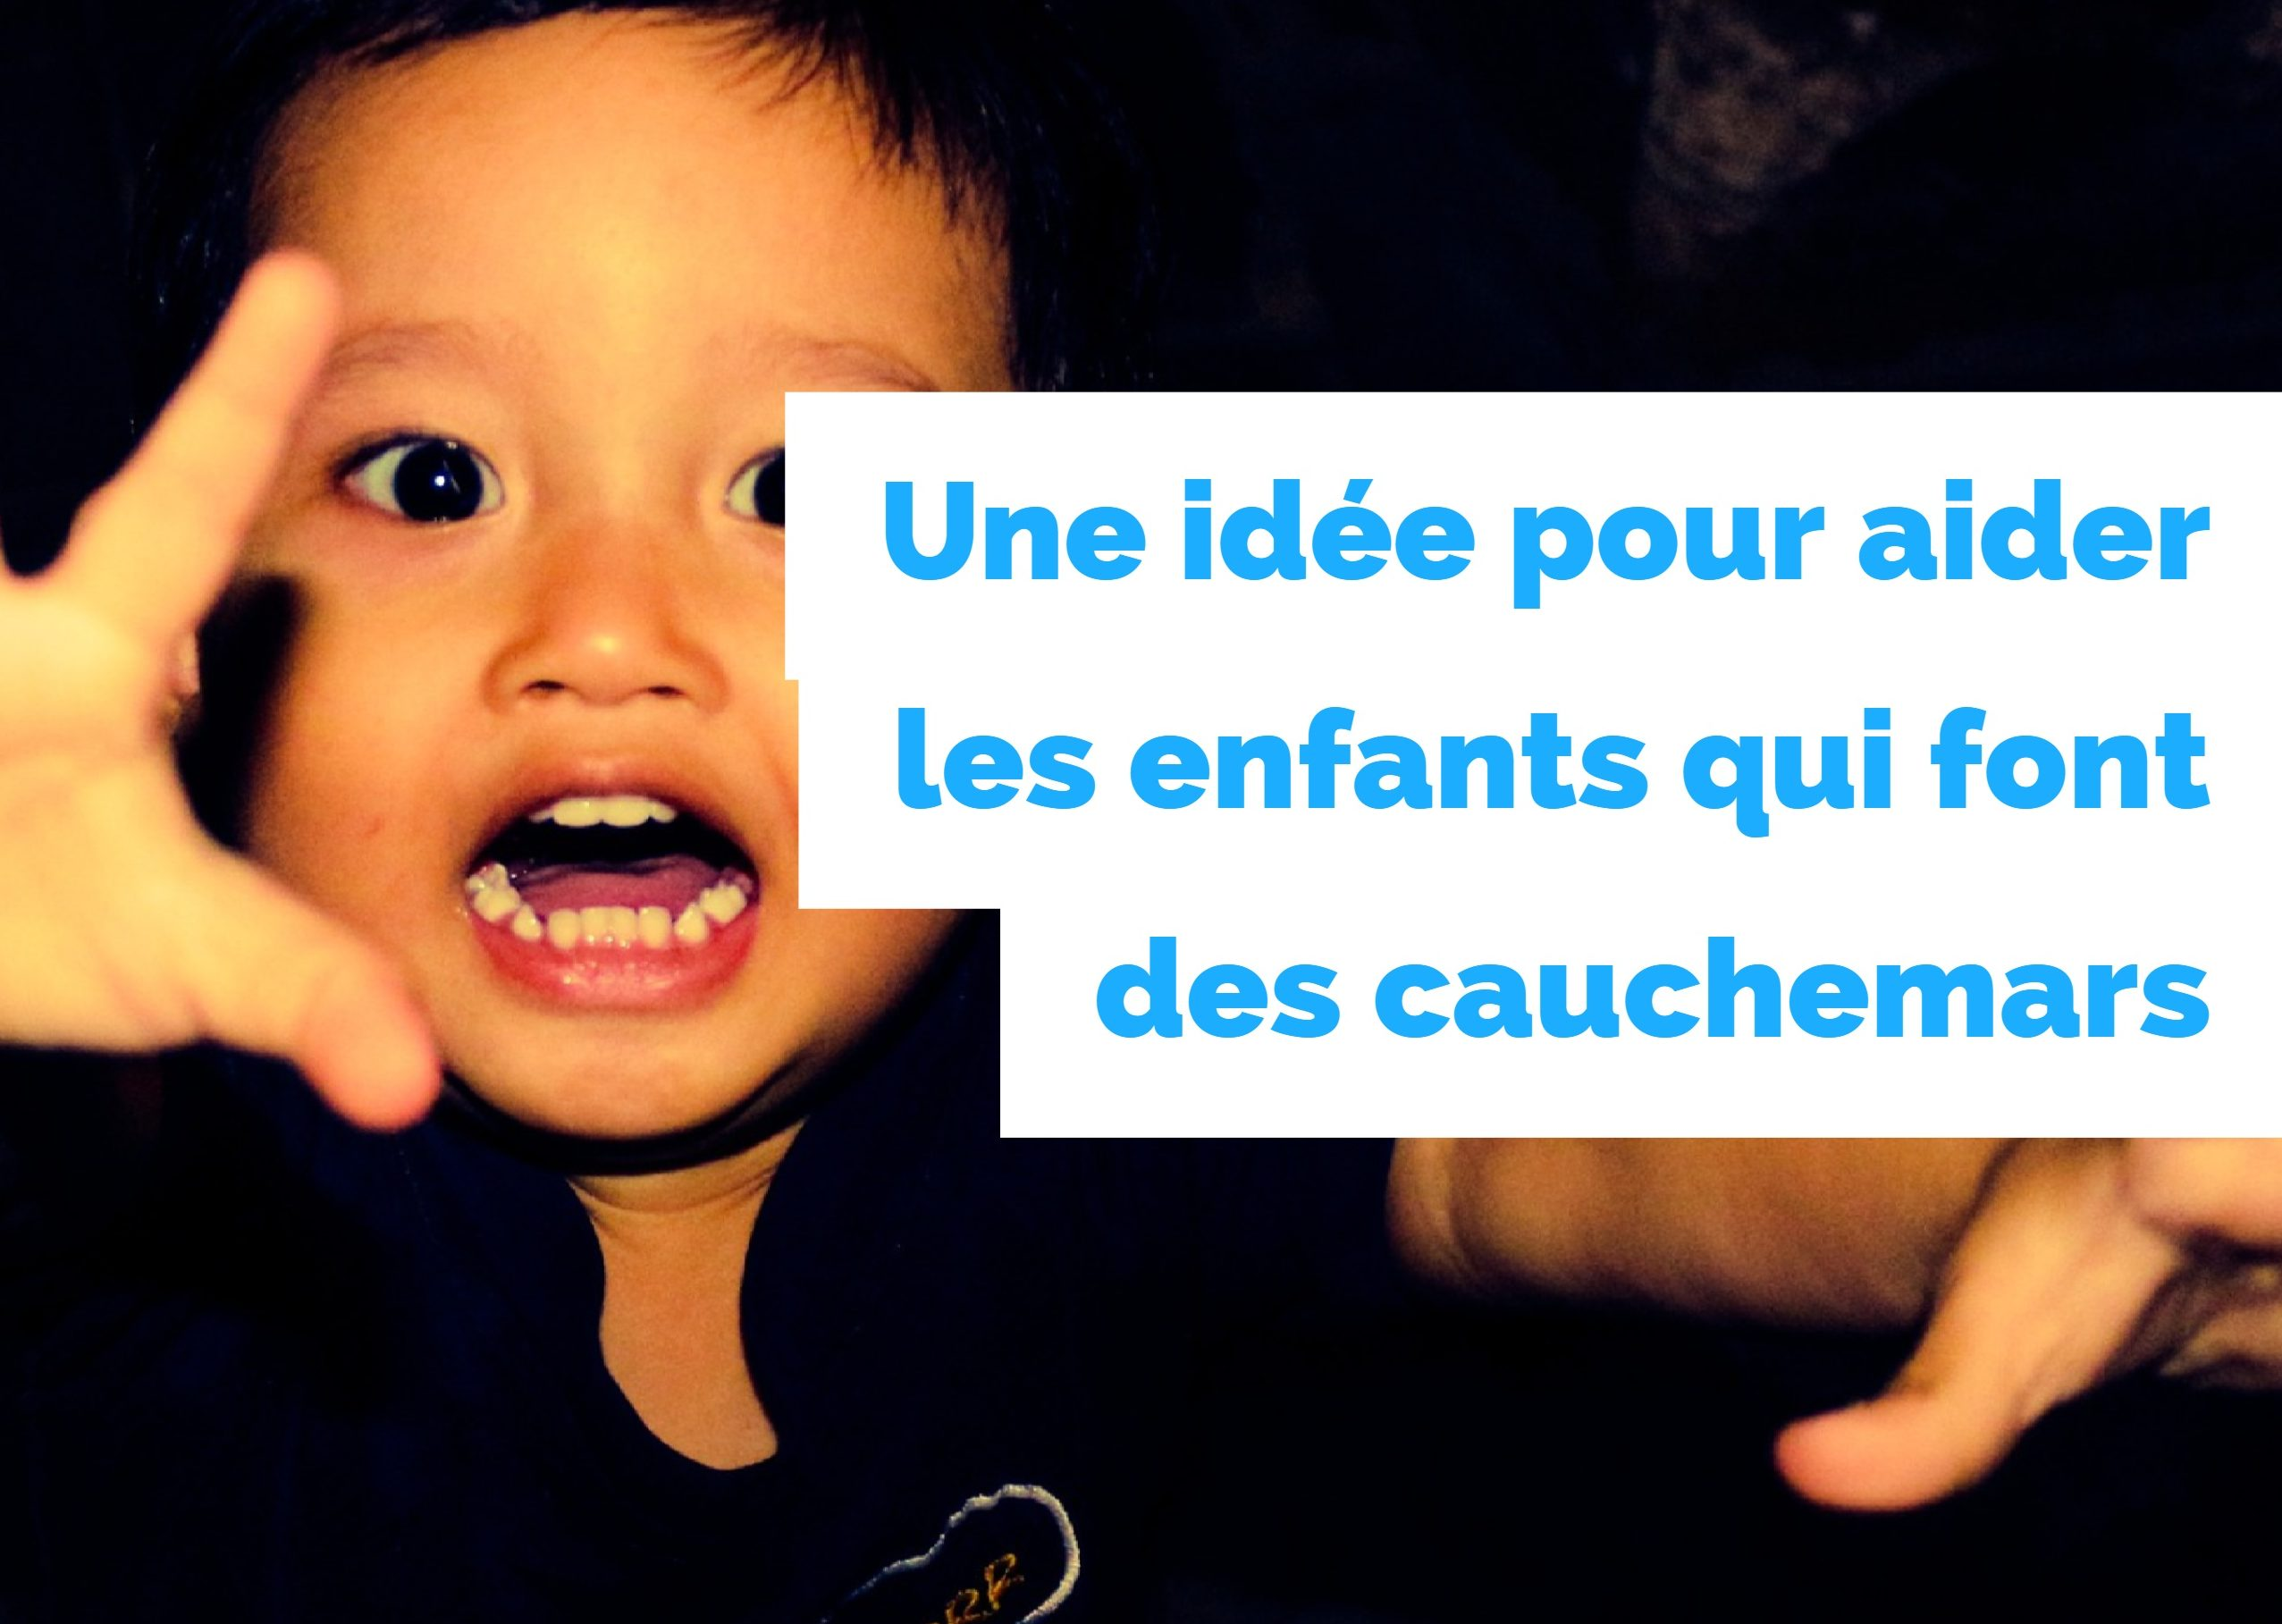 Une idée pour aider les enfants qui font des cauchemars